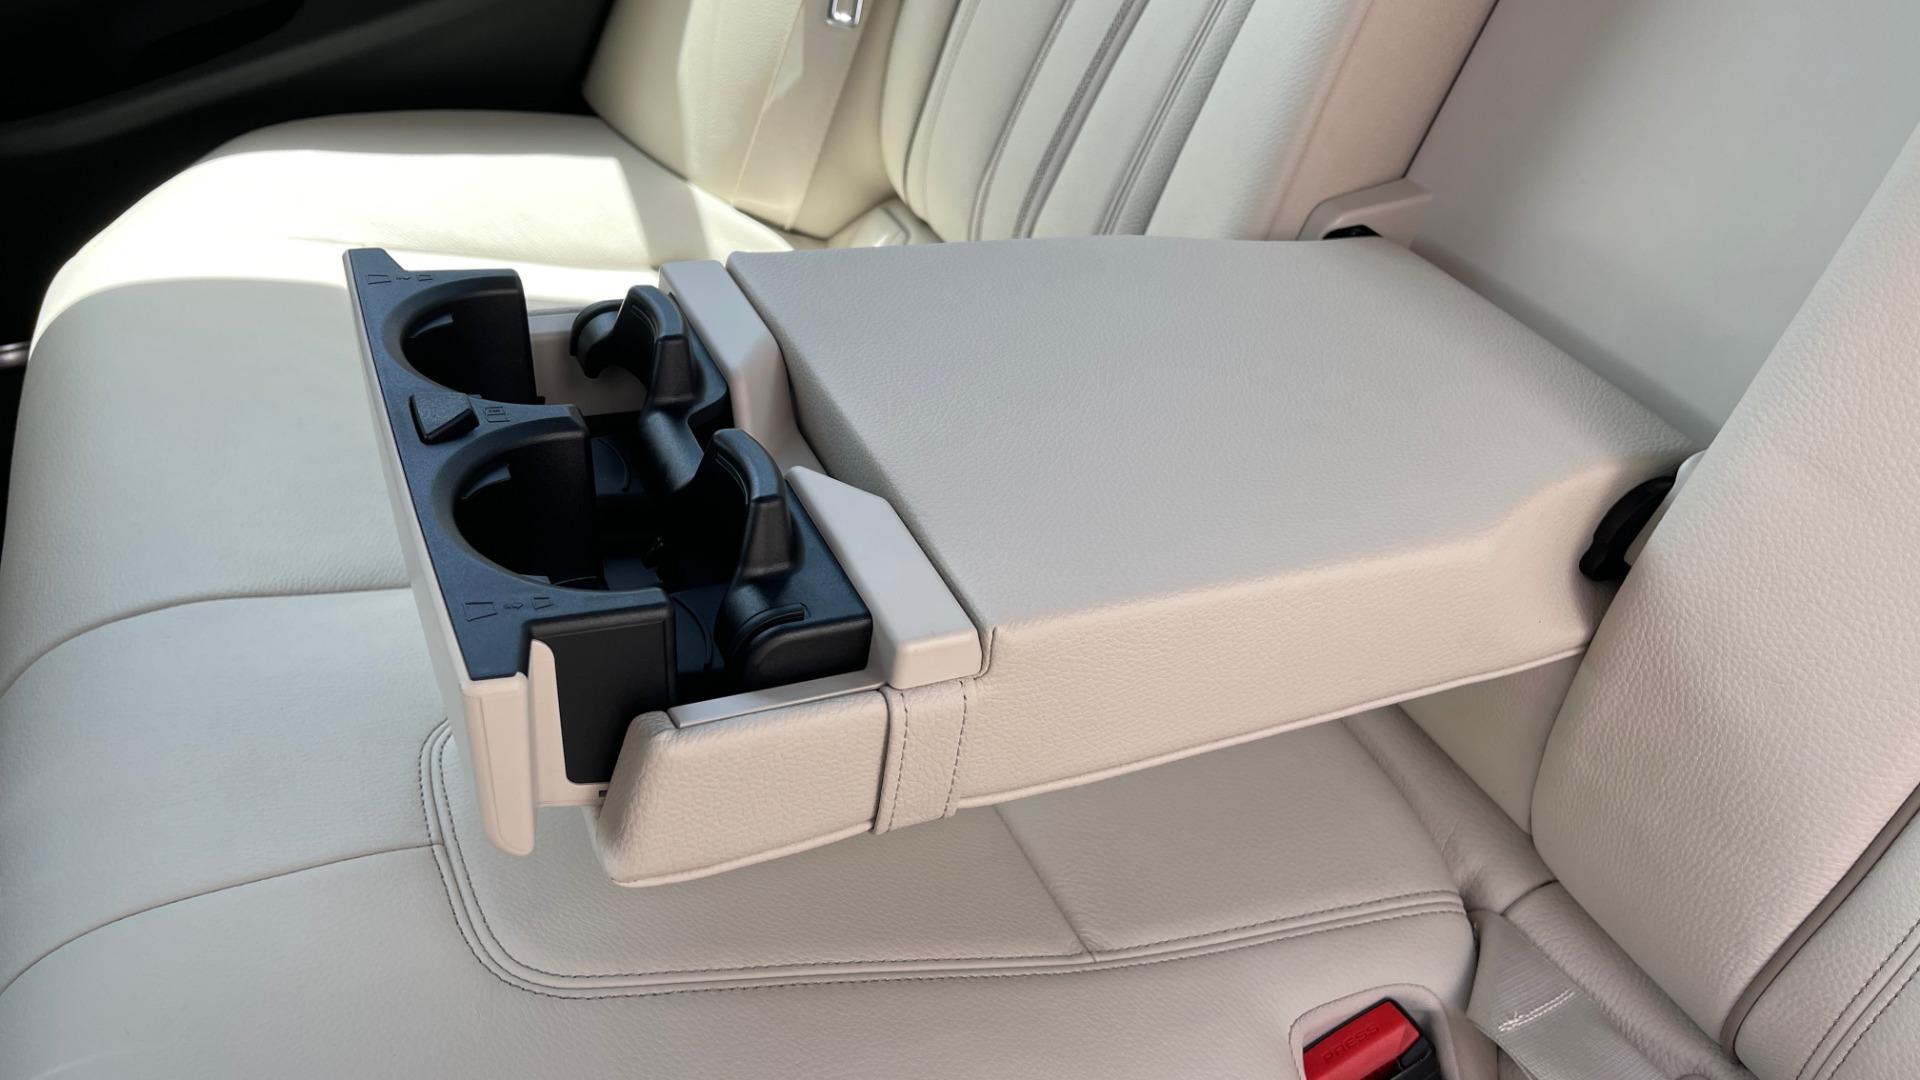 Used 2018 BMW 5 SERIES 540I M-SPORT / EXECUTIVE PKG / DRVR ASST PKG / BLIND SPOT / LANE DEPART for sale $40,995 at Formula Imports in Charlotte NC 28227 62